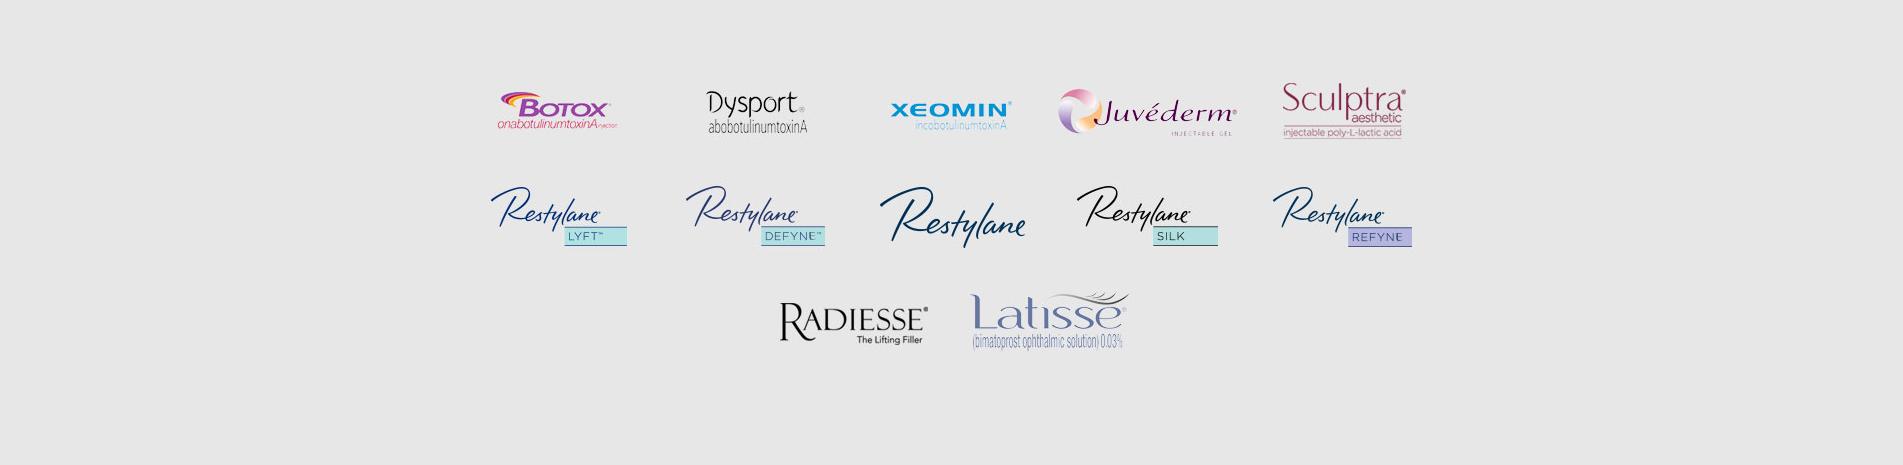 Cosmetic Dermatology brand logos